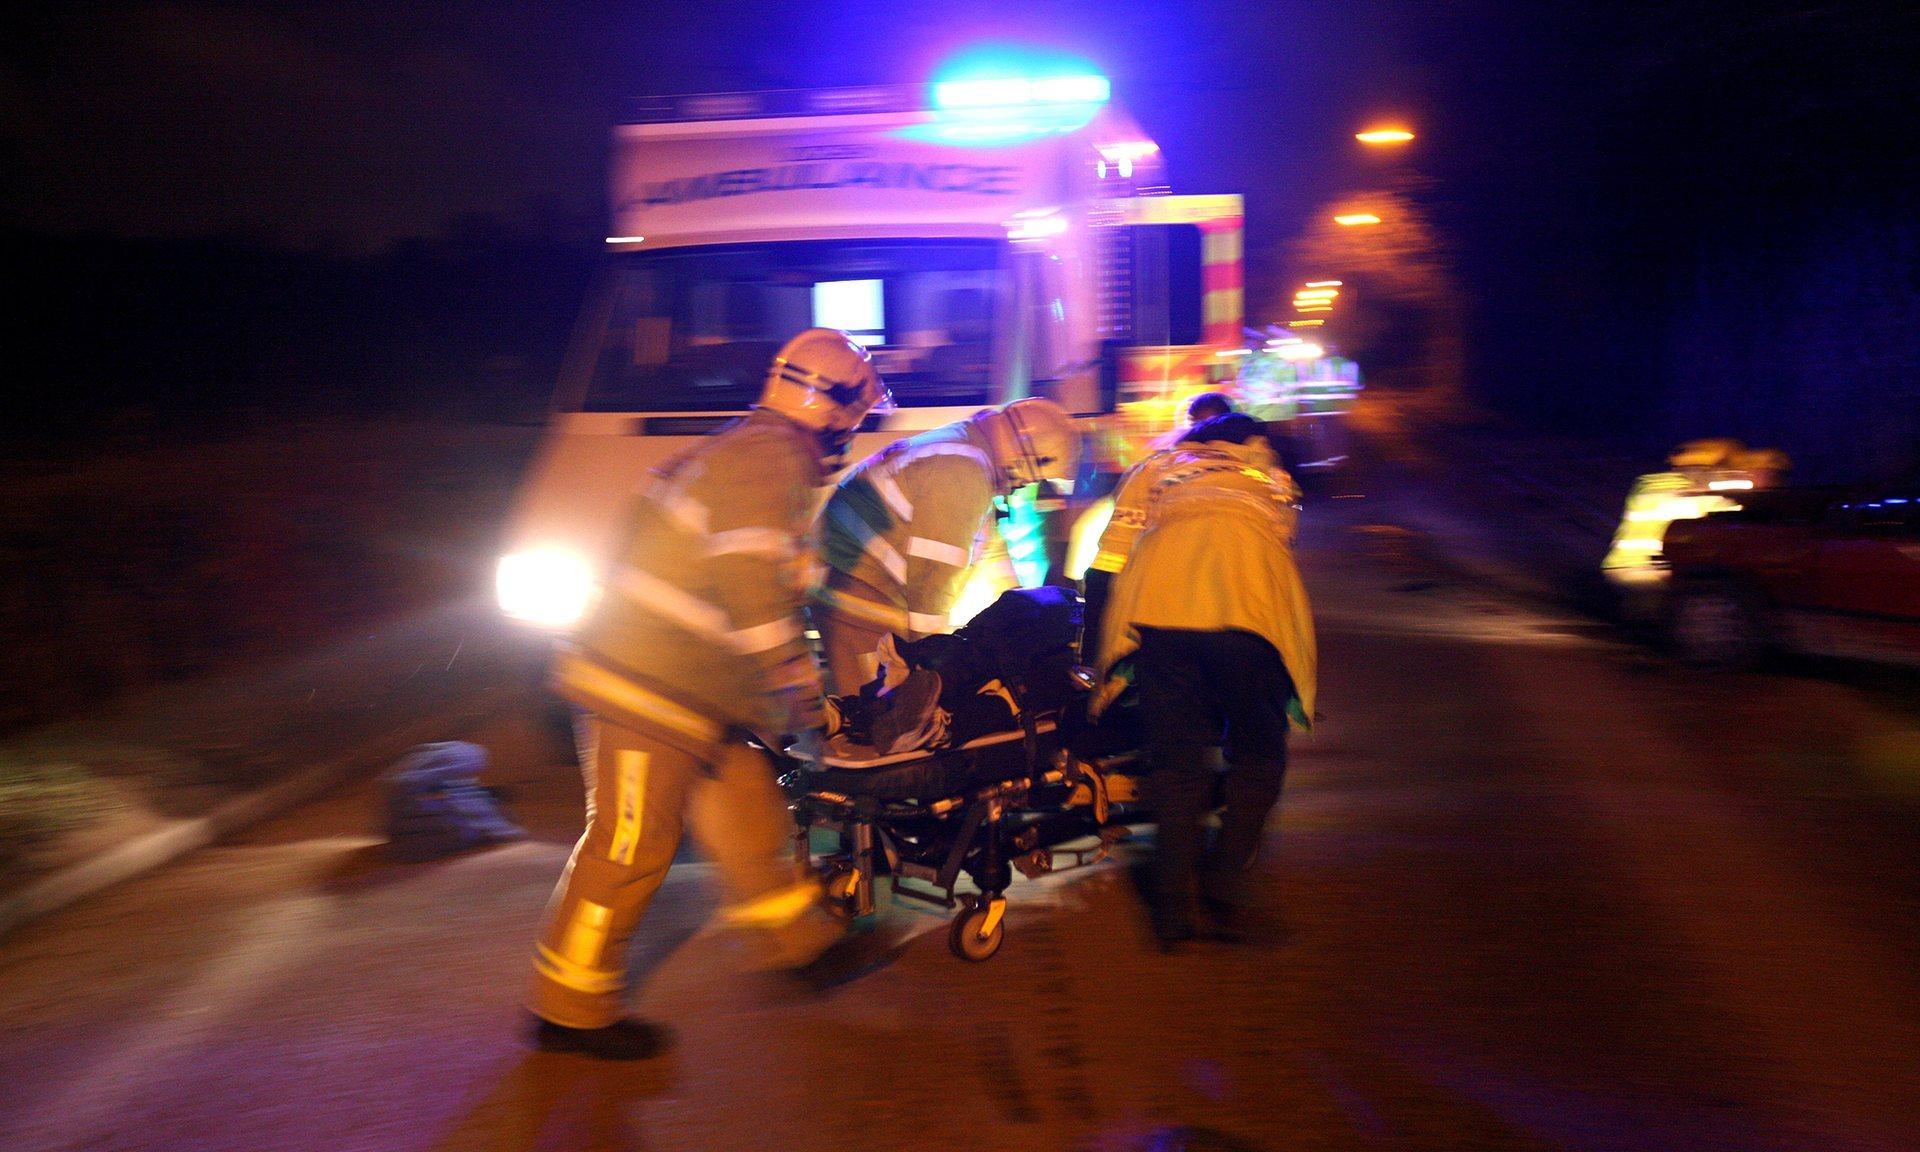 """Inghilterra: """"Chi lavora in ambulanza deve andare in pensione a 55 anni"""". Arriverà in Parlamento la petizione dei paramedici?"""